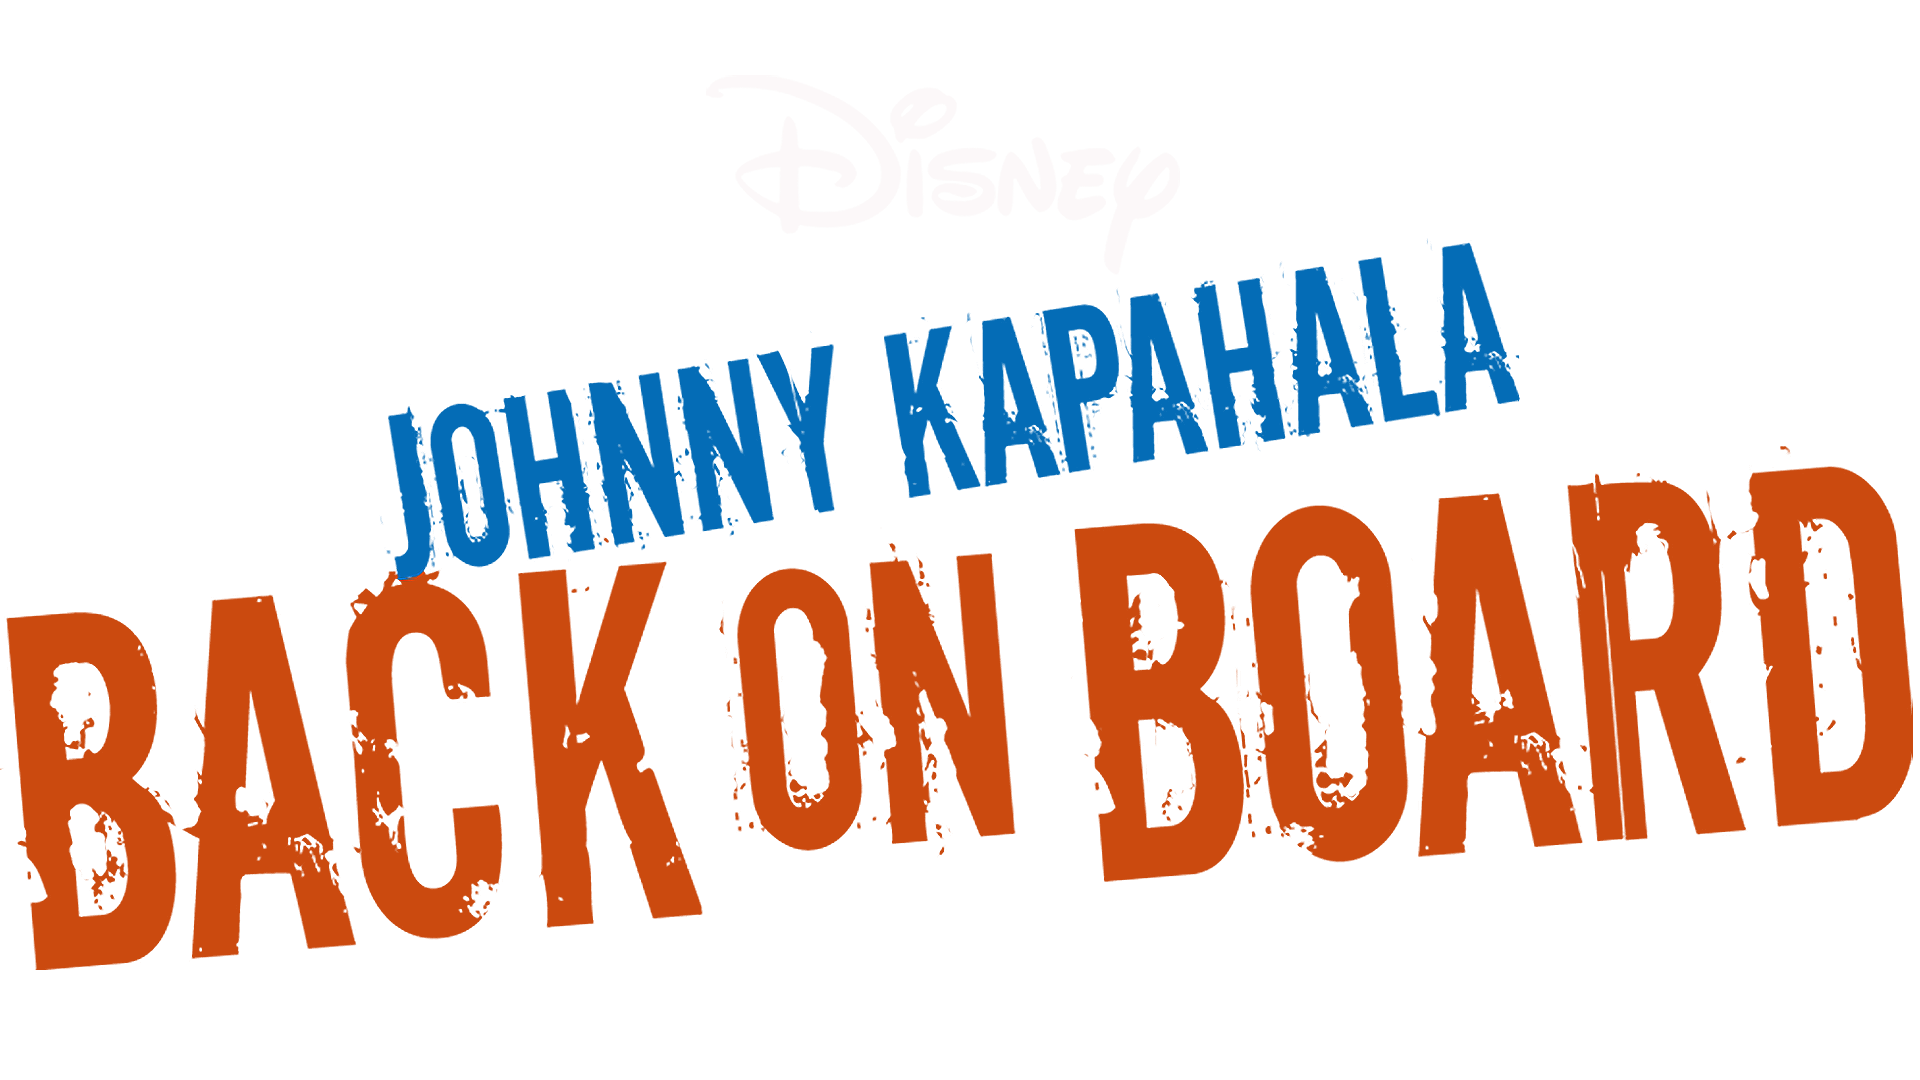 Johnny Kapahala: Back on Board